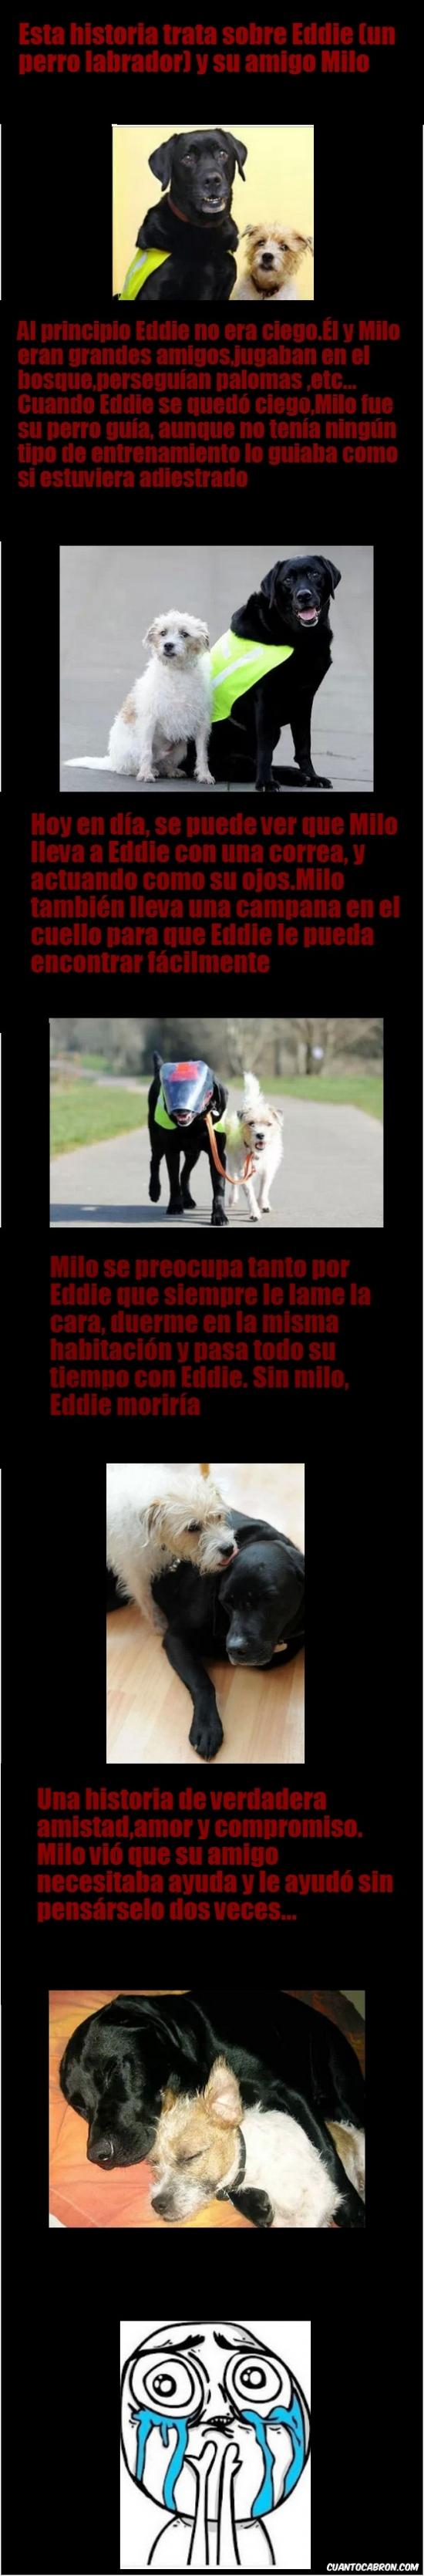 amigo,Eddie,Milo,mom please,perro,please mom,so much joy